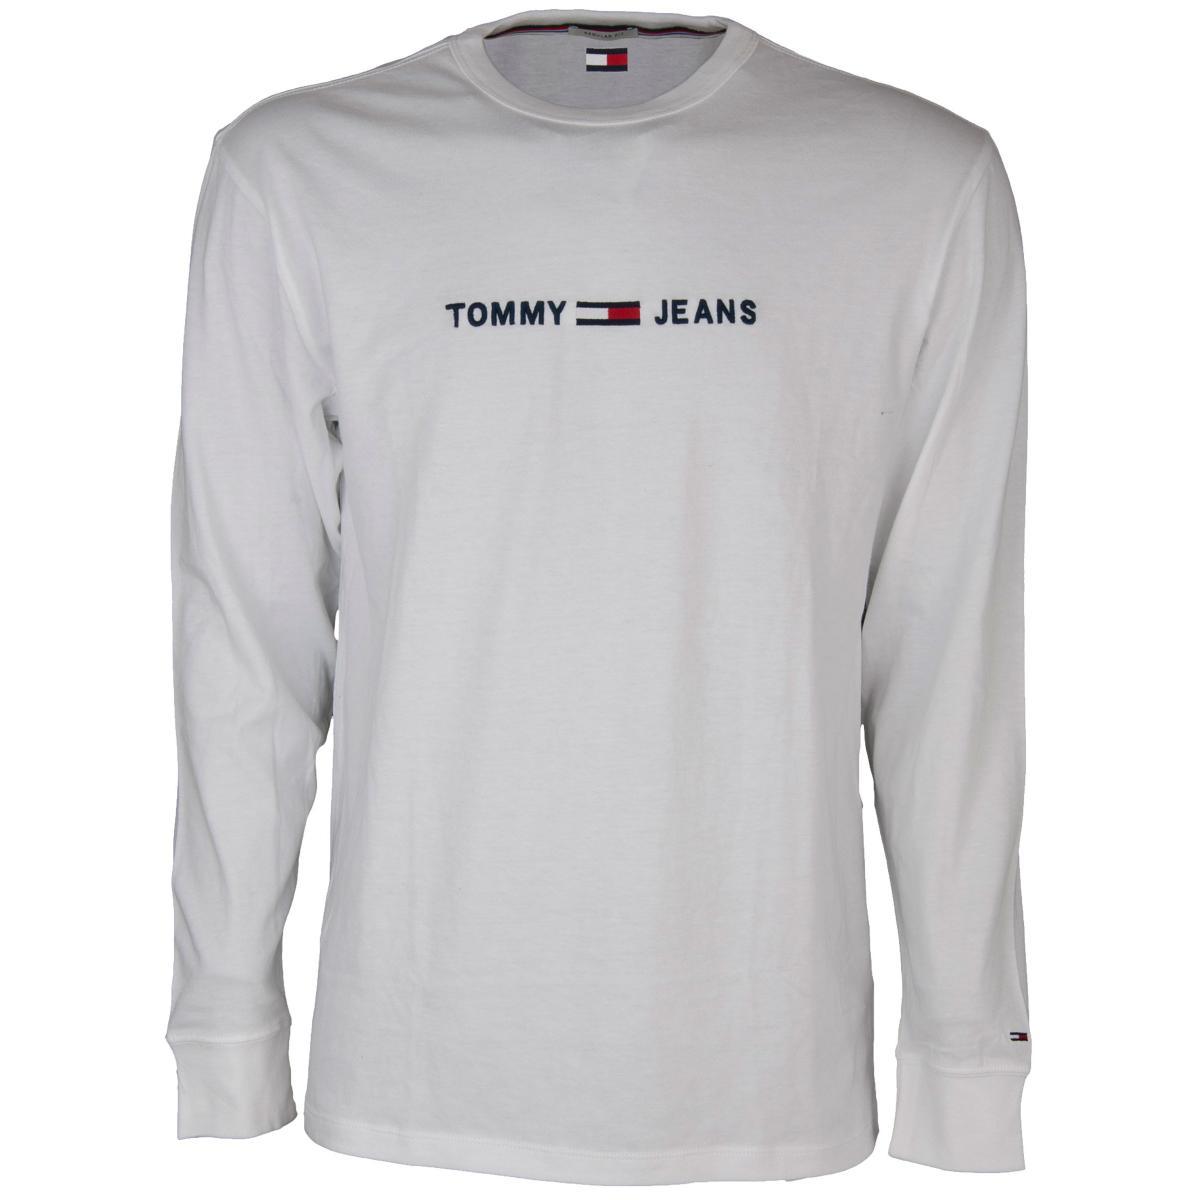 Maglia Tommy jeans a maniche lunghe con logo da uomo rif. DM0DM05331